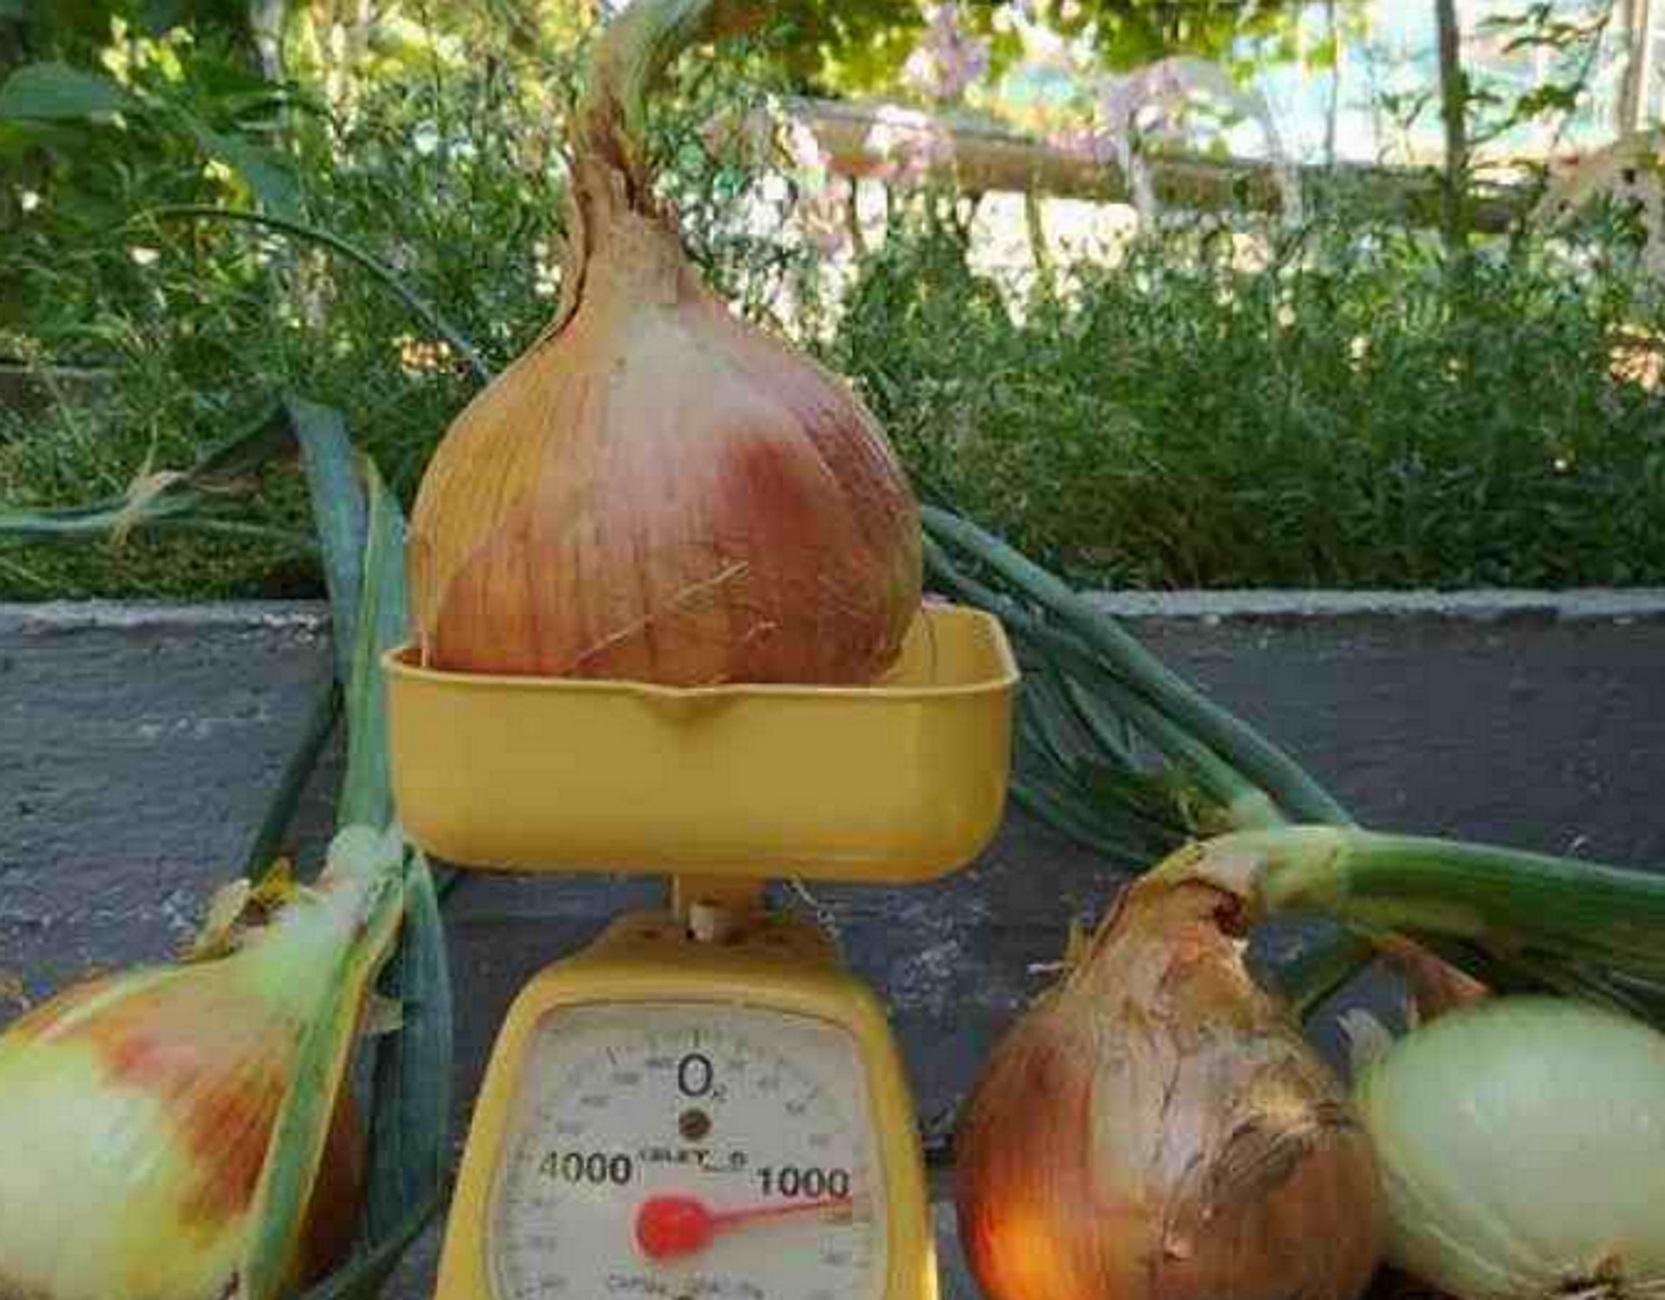 Σέρρες: Πήγε στον κήπο του και είδε να έχουν φυτρώσει κρεμμύδια για… το βιβλίο με τα ρεκόρ Γκίνες